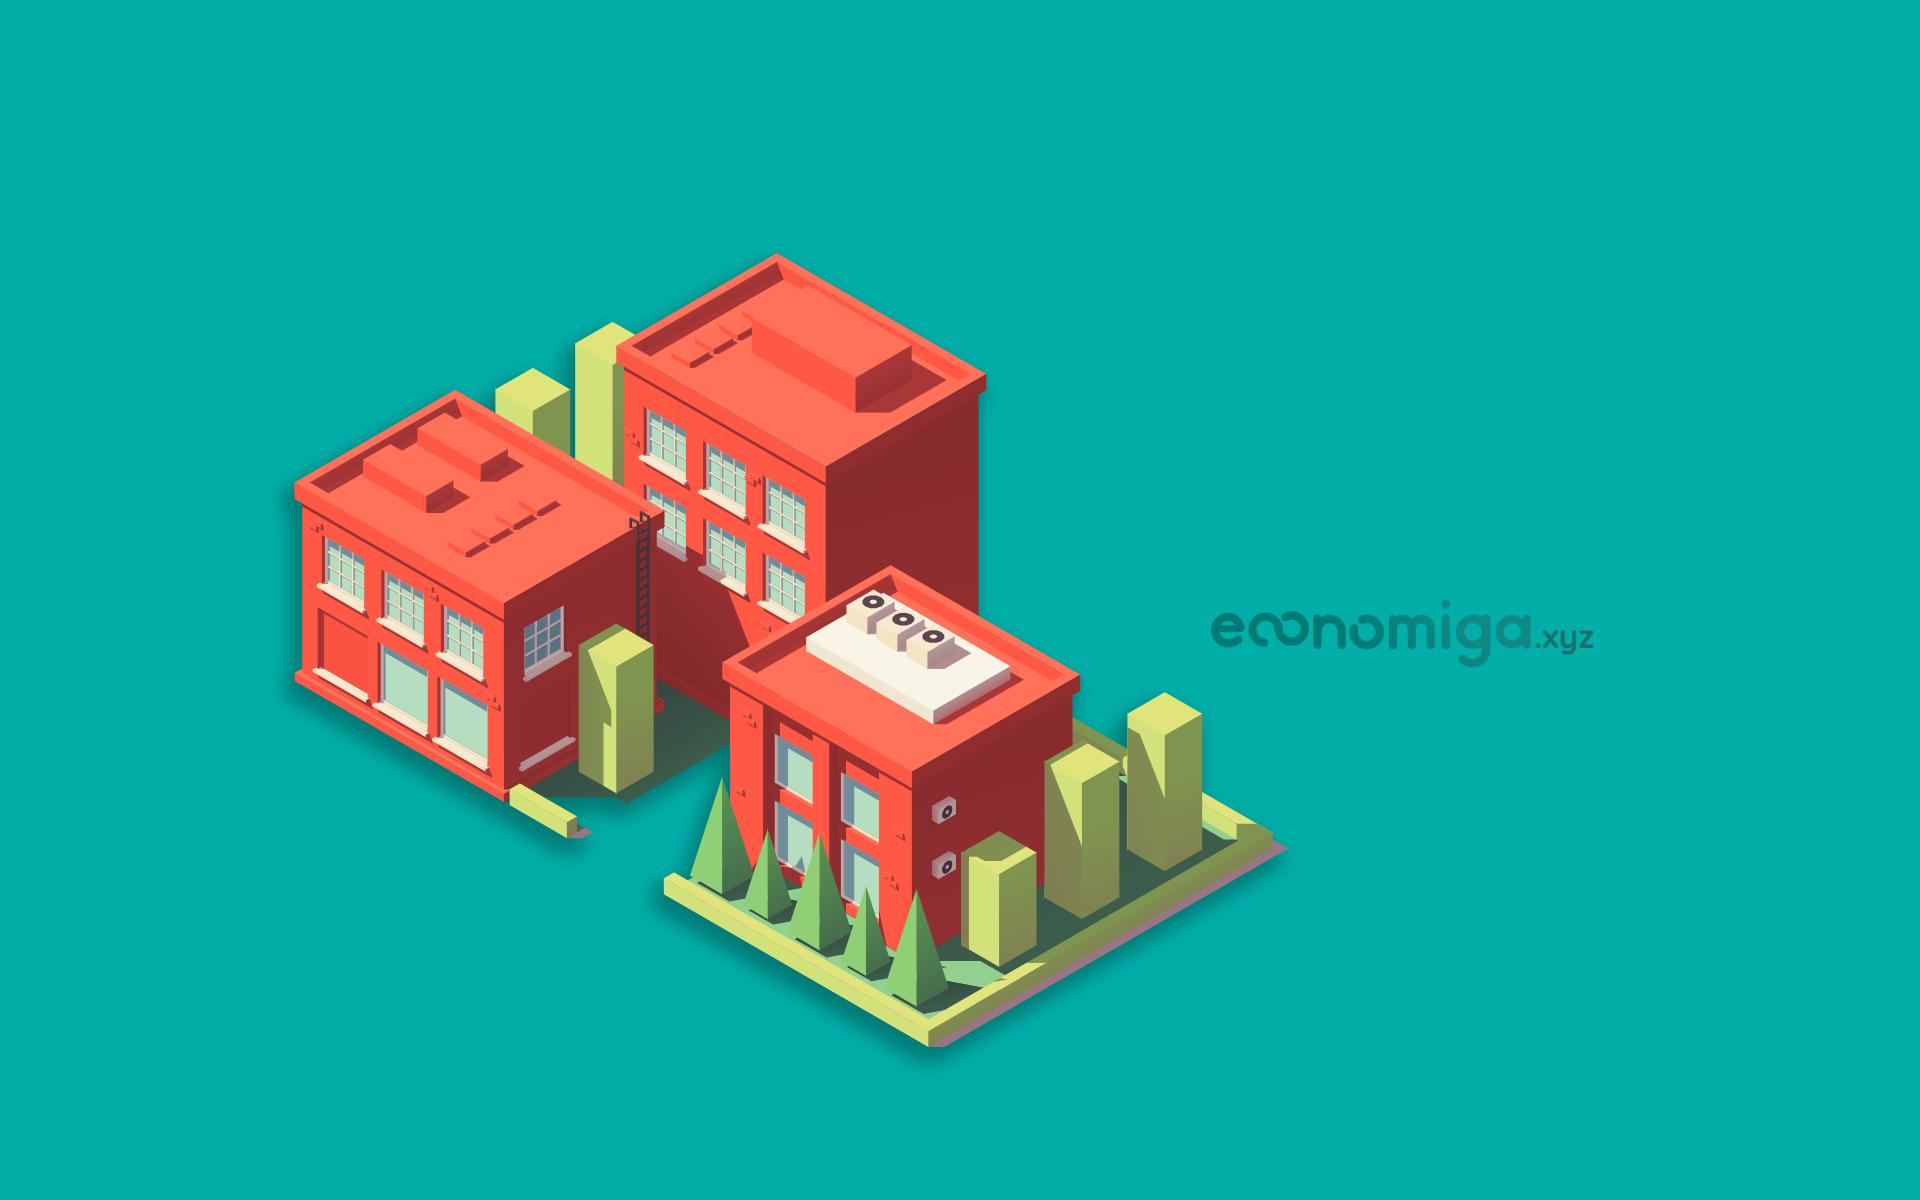 Top Indian Universities for Masters in Economics